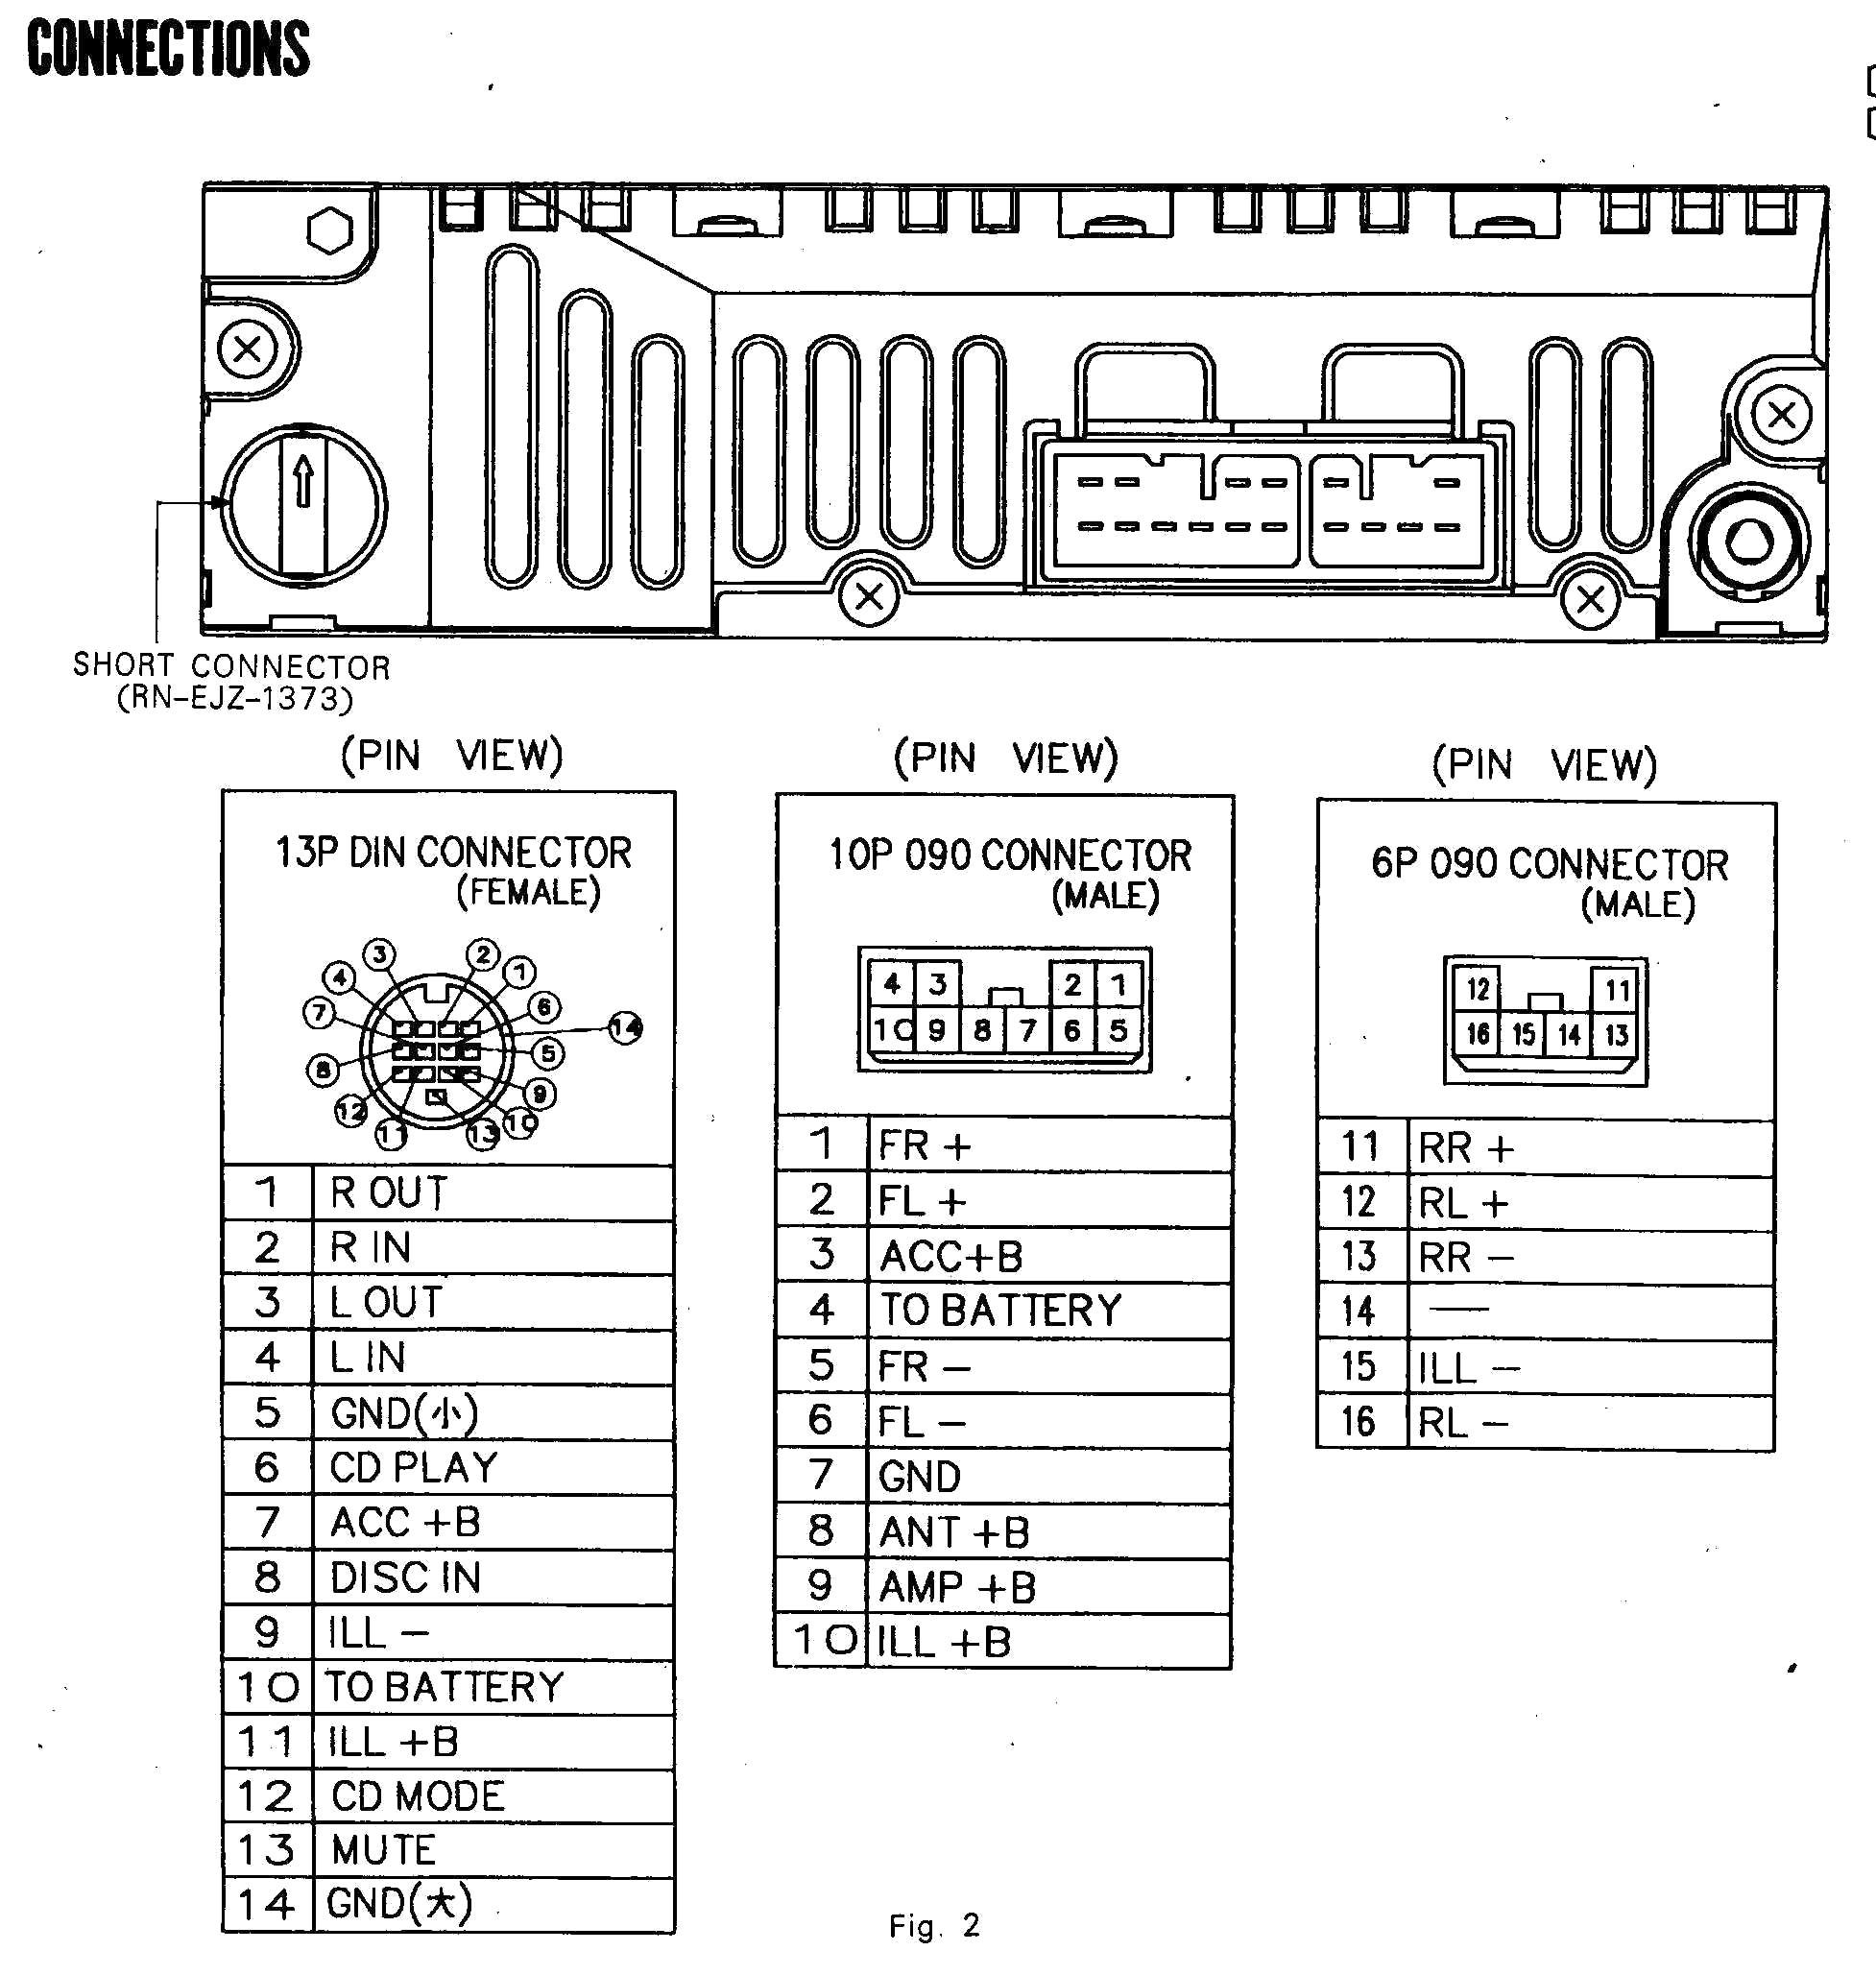 Pioneer Avh X1500Dvd Wiring Diagram | Wiring Diagram - Pioneer Avh X1500Dvd Wiring Diagram